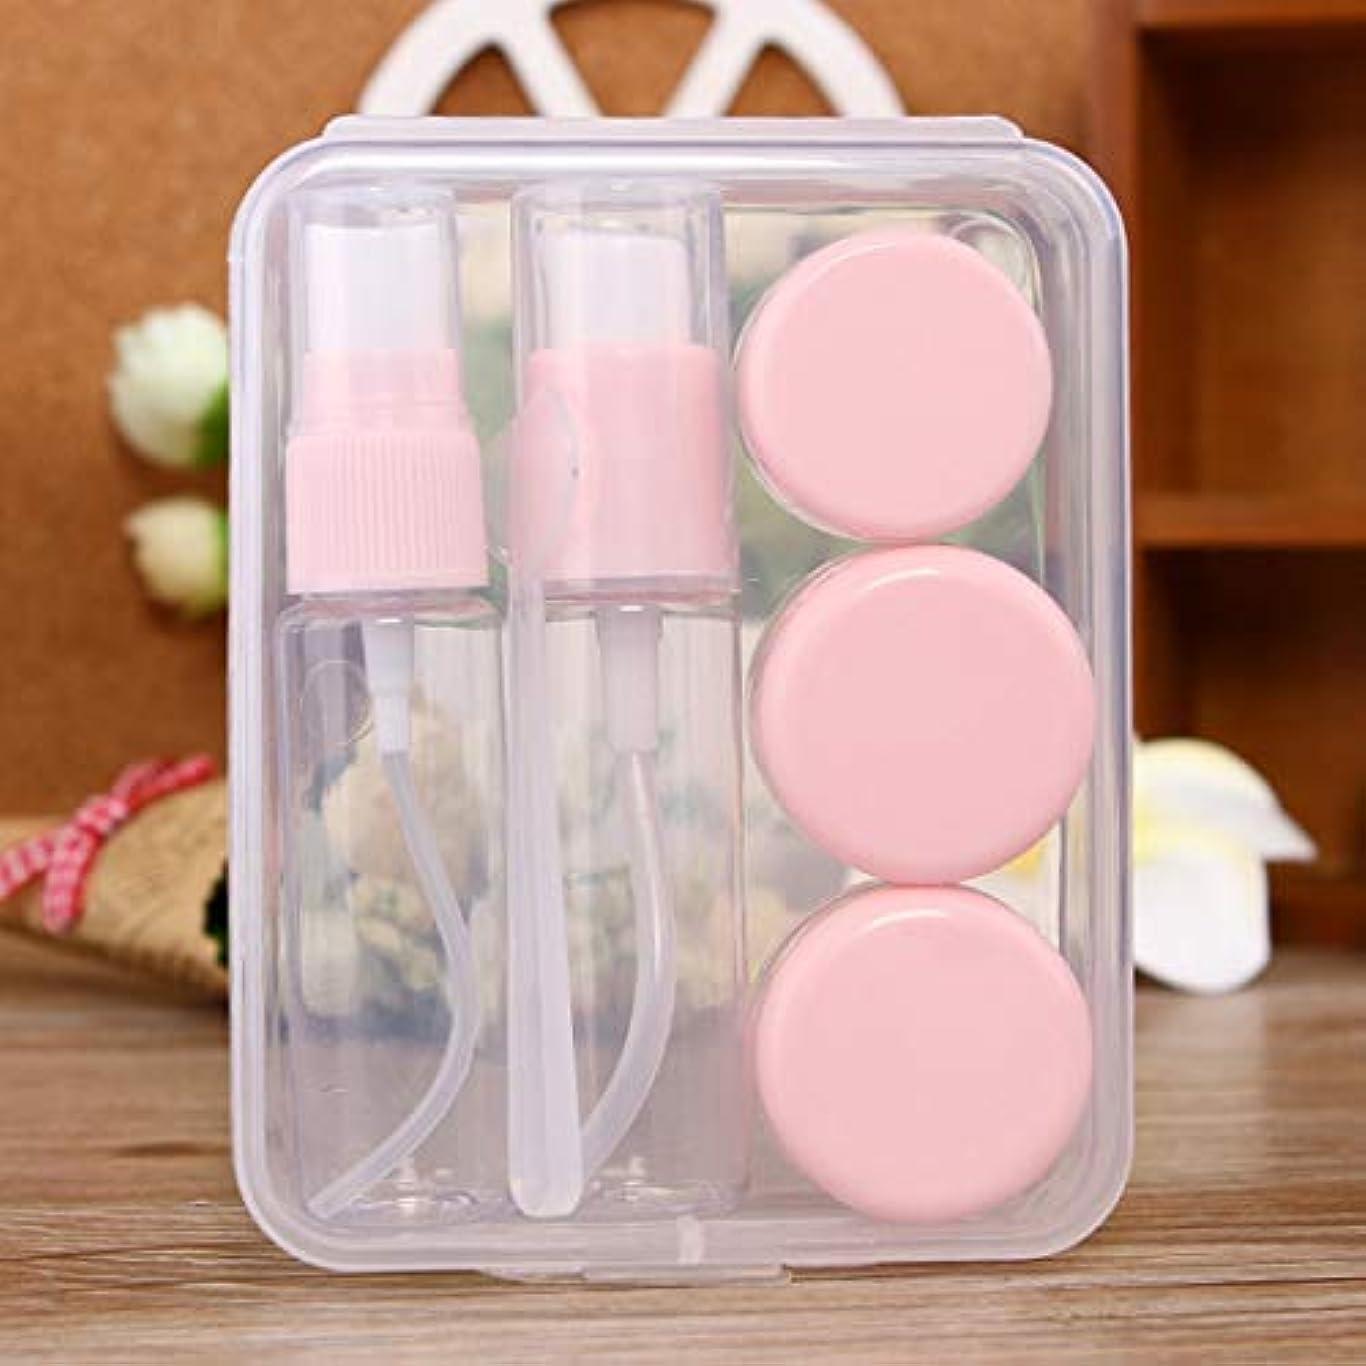 電極植生遠近法MEI1JIA QUELLIAトラベルサイズの化粧品ボトルキット(ピンク) (色 : ピンク)